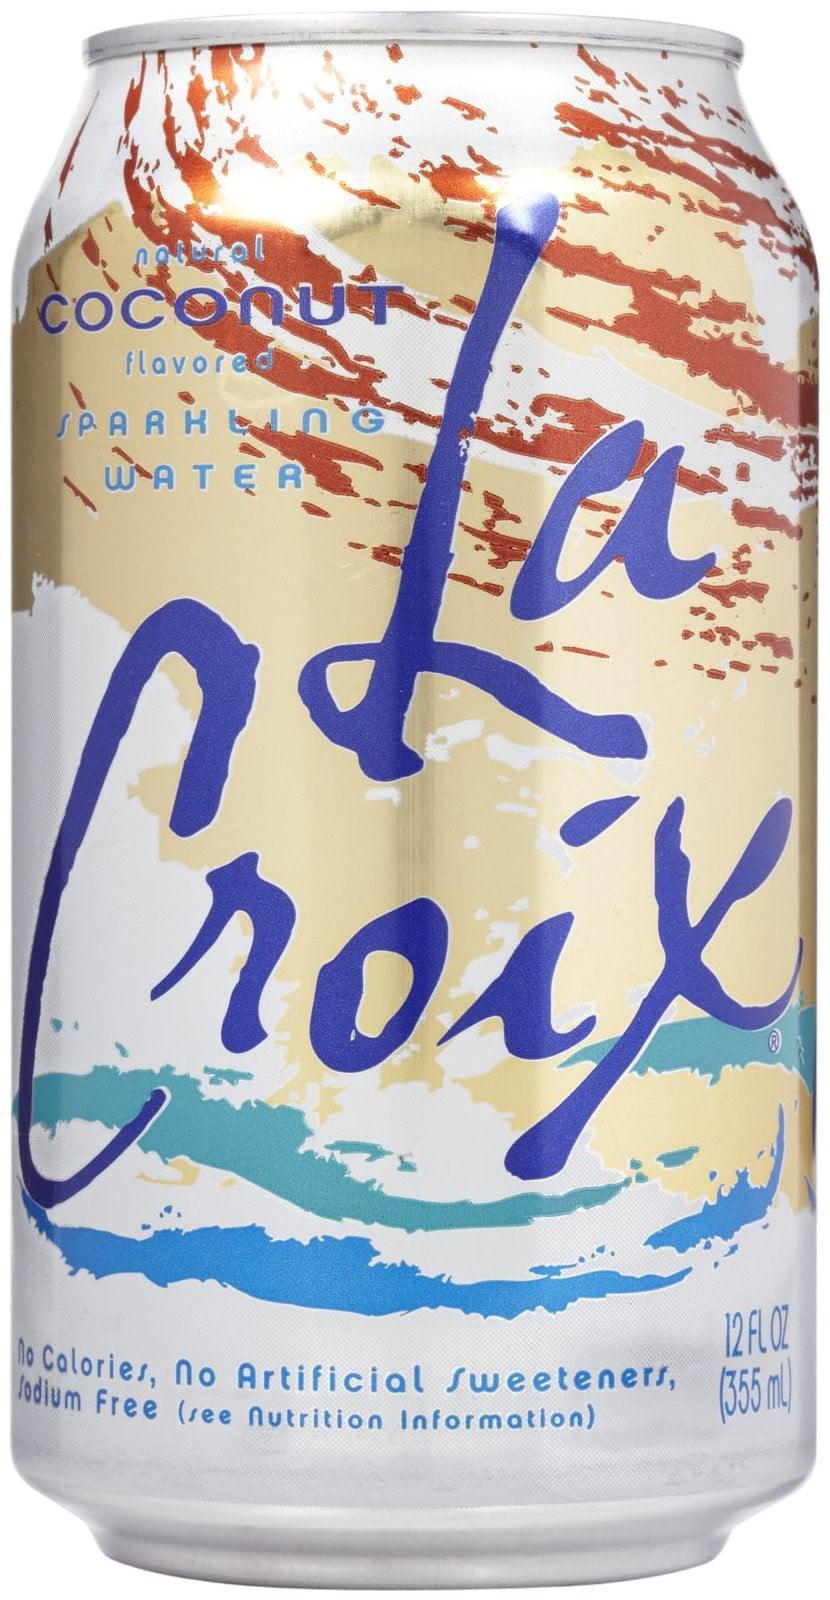 LaCroix Sparkling Water, Coconut, 12 Fl Oz, 12 Ct by LaCroix